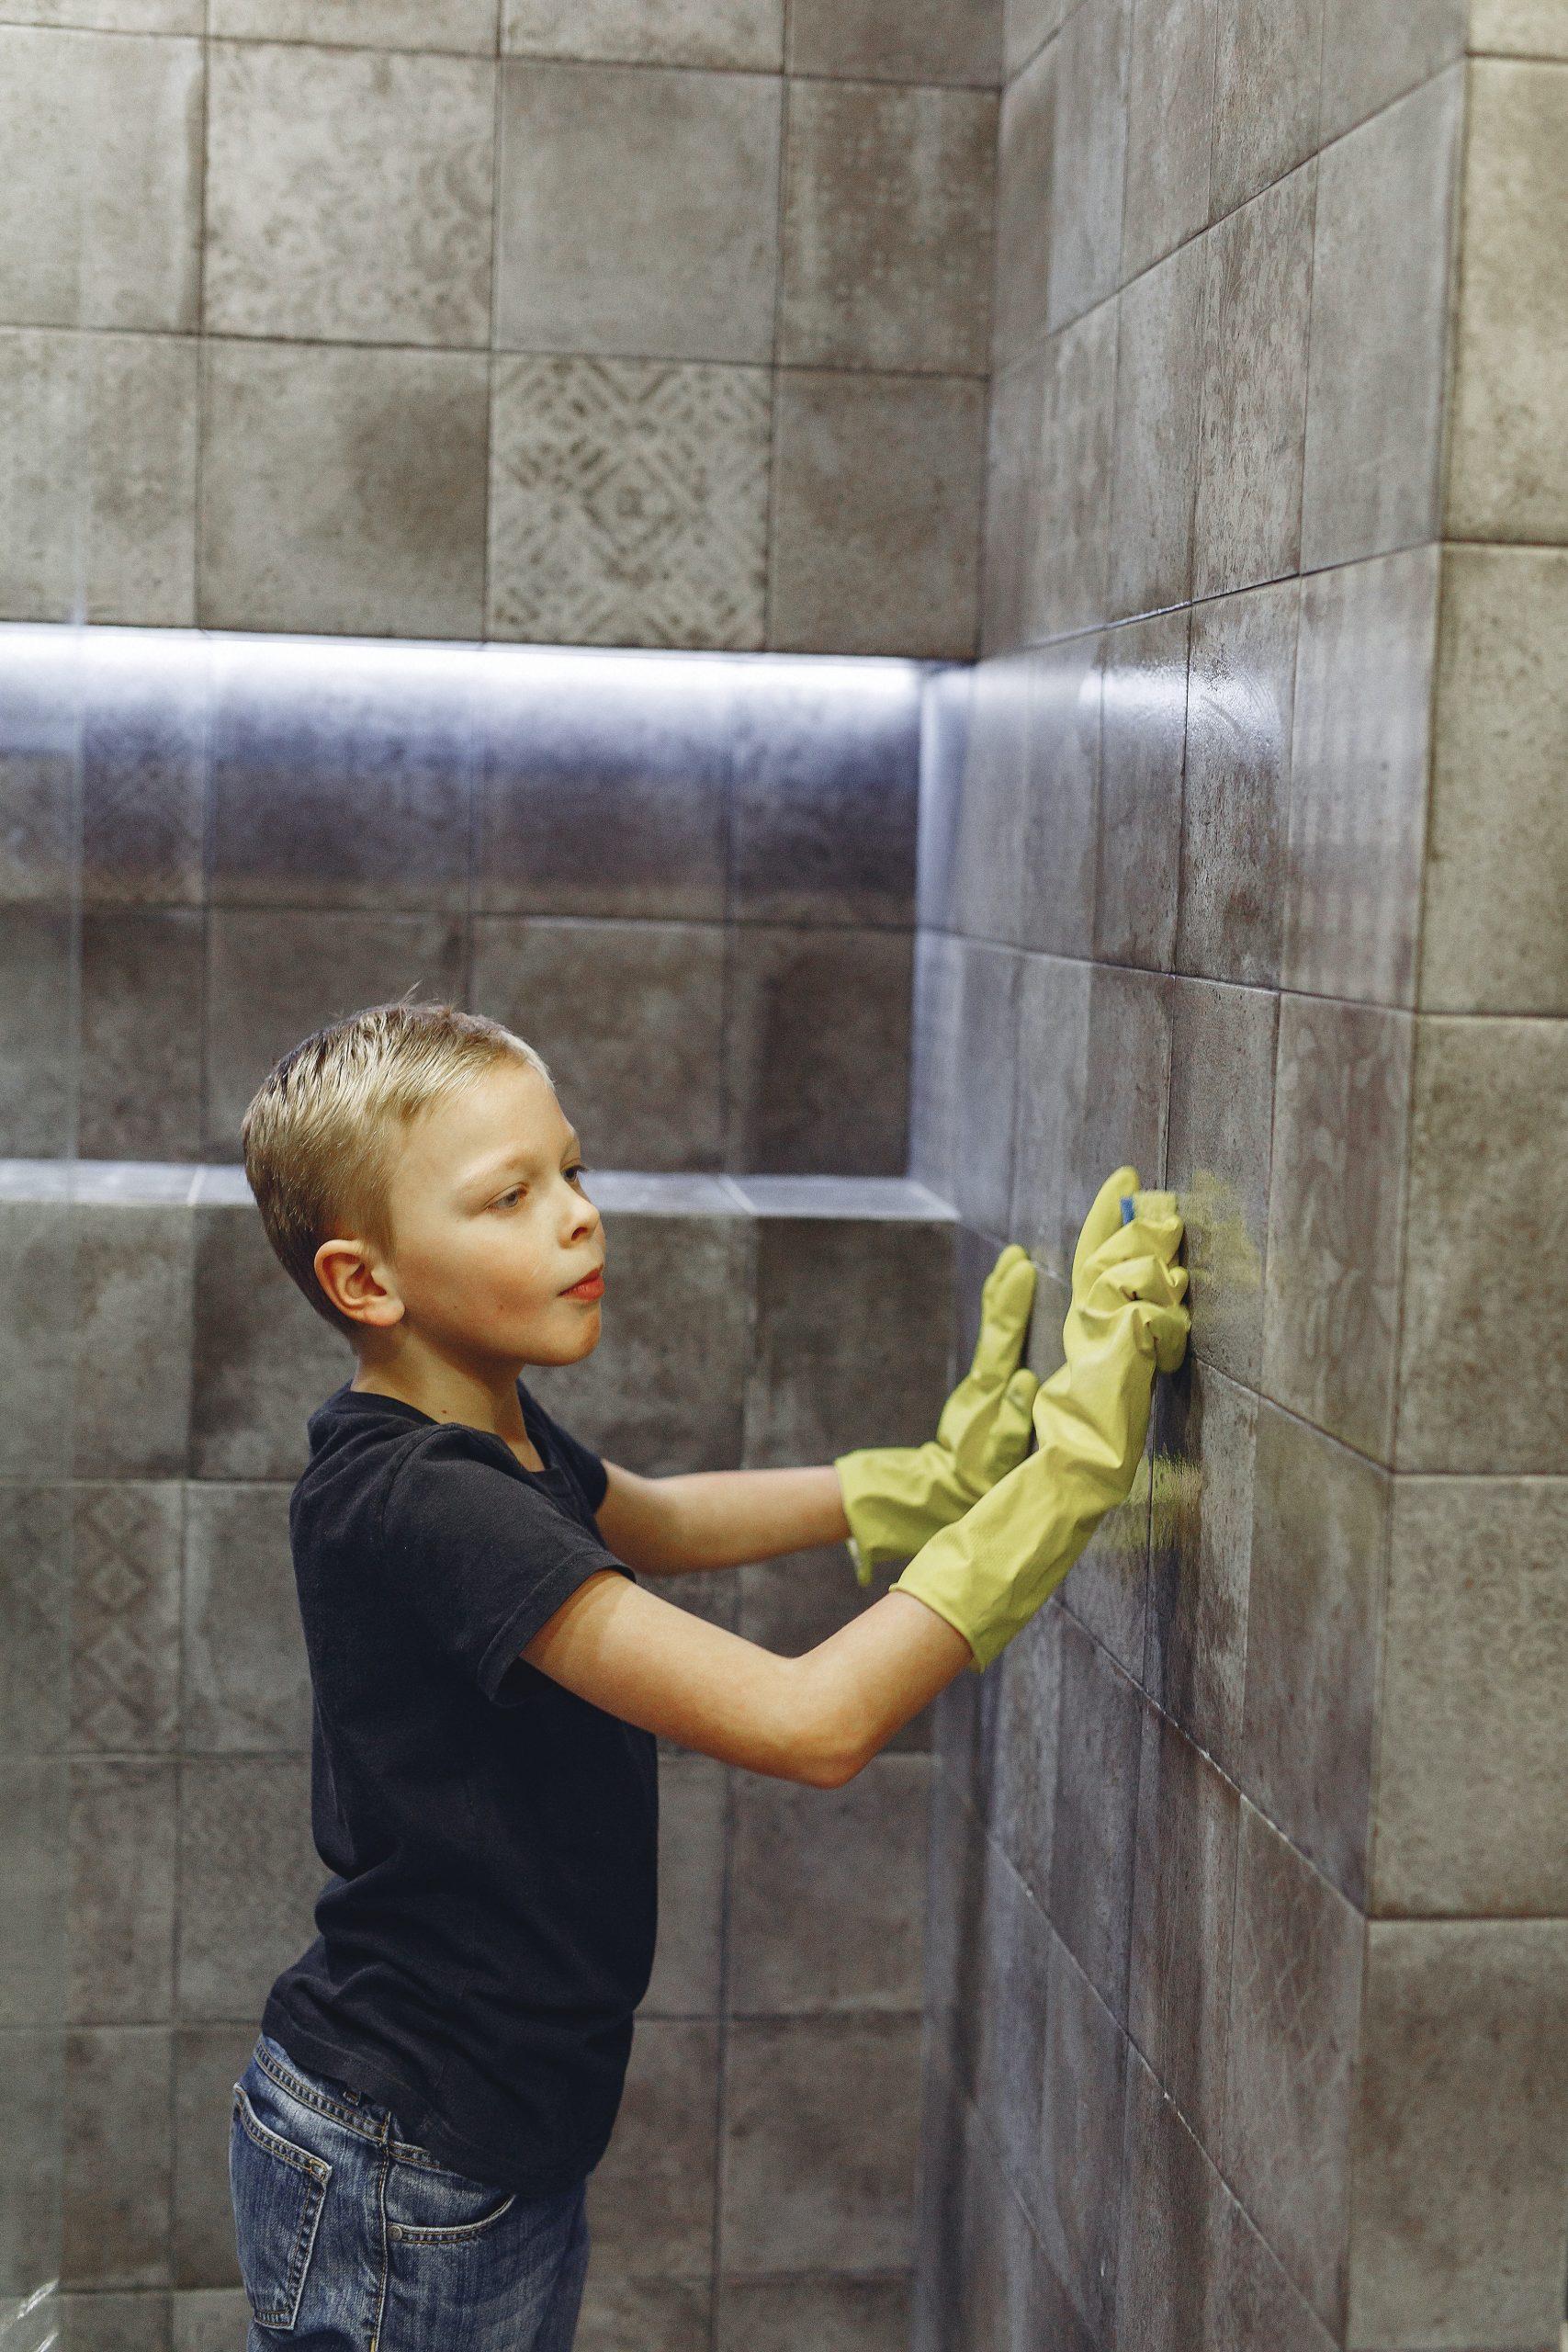 כשלים בקירות חיצוניים – ממה צריך להיזהר?